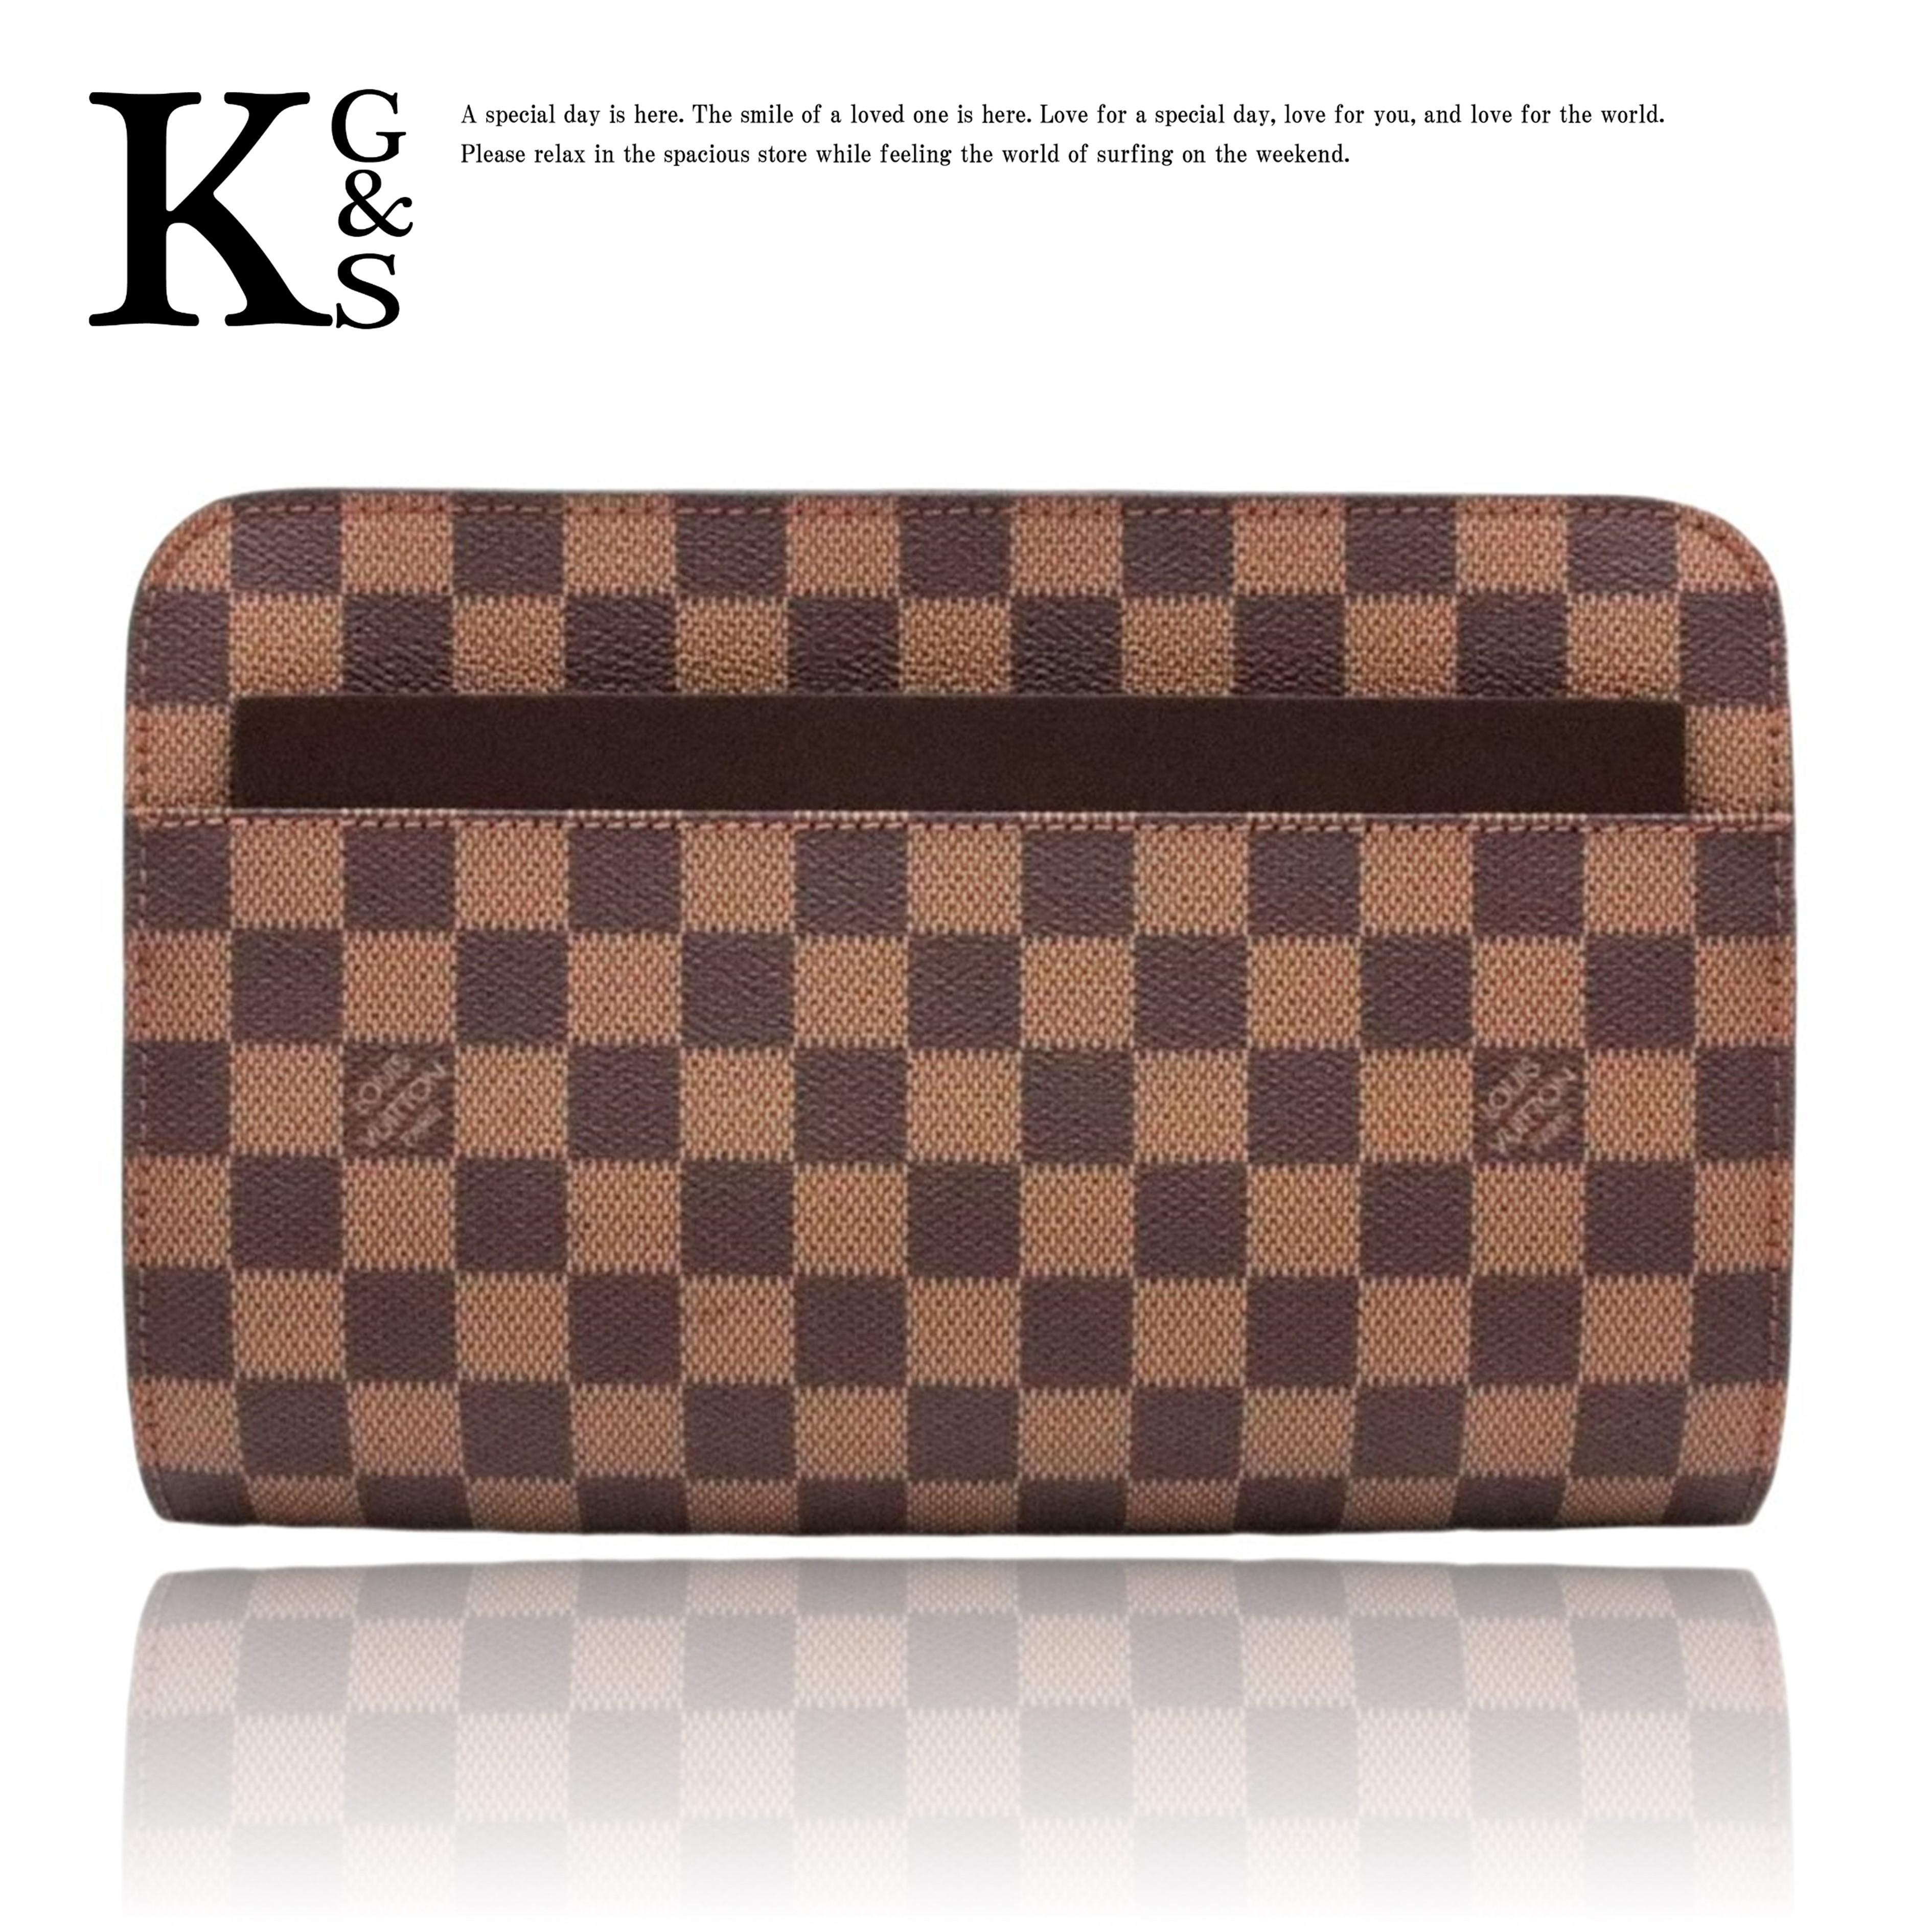 【ギフト品質】ルイヴィトン/Louis Vuitton ダミエ サンルイ N51993 メンズ セカンドバッグ ブラウン ダミエキャンバス